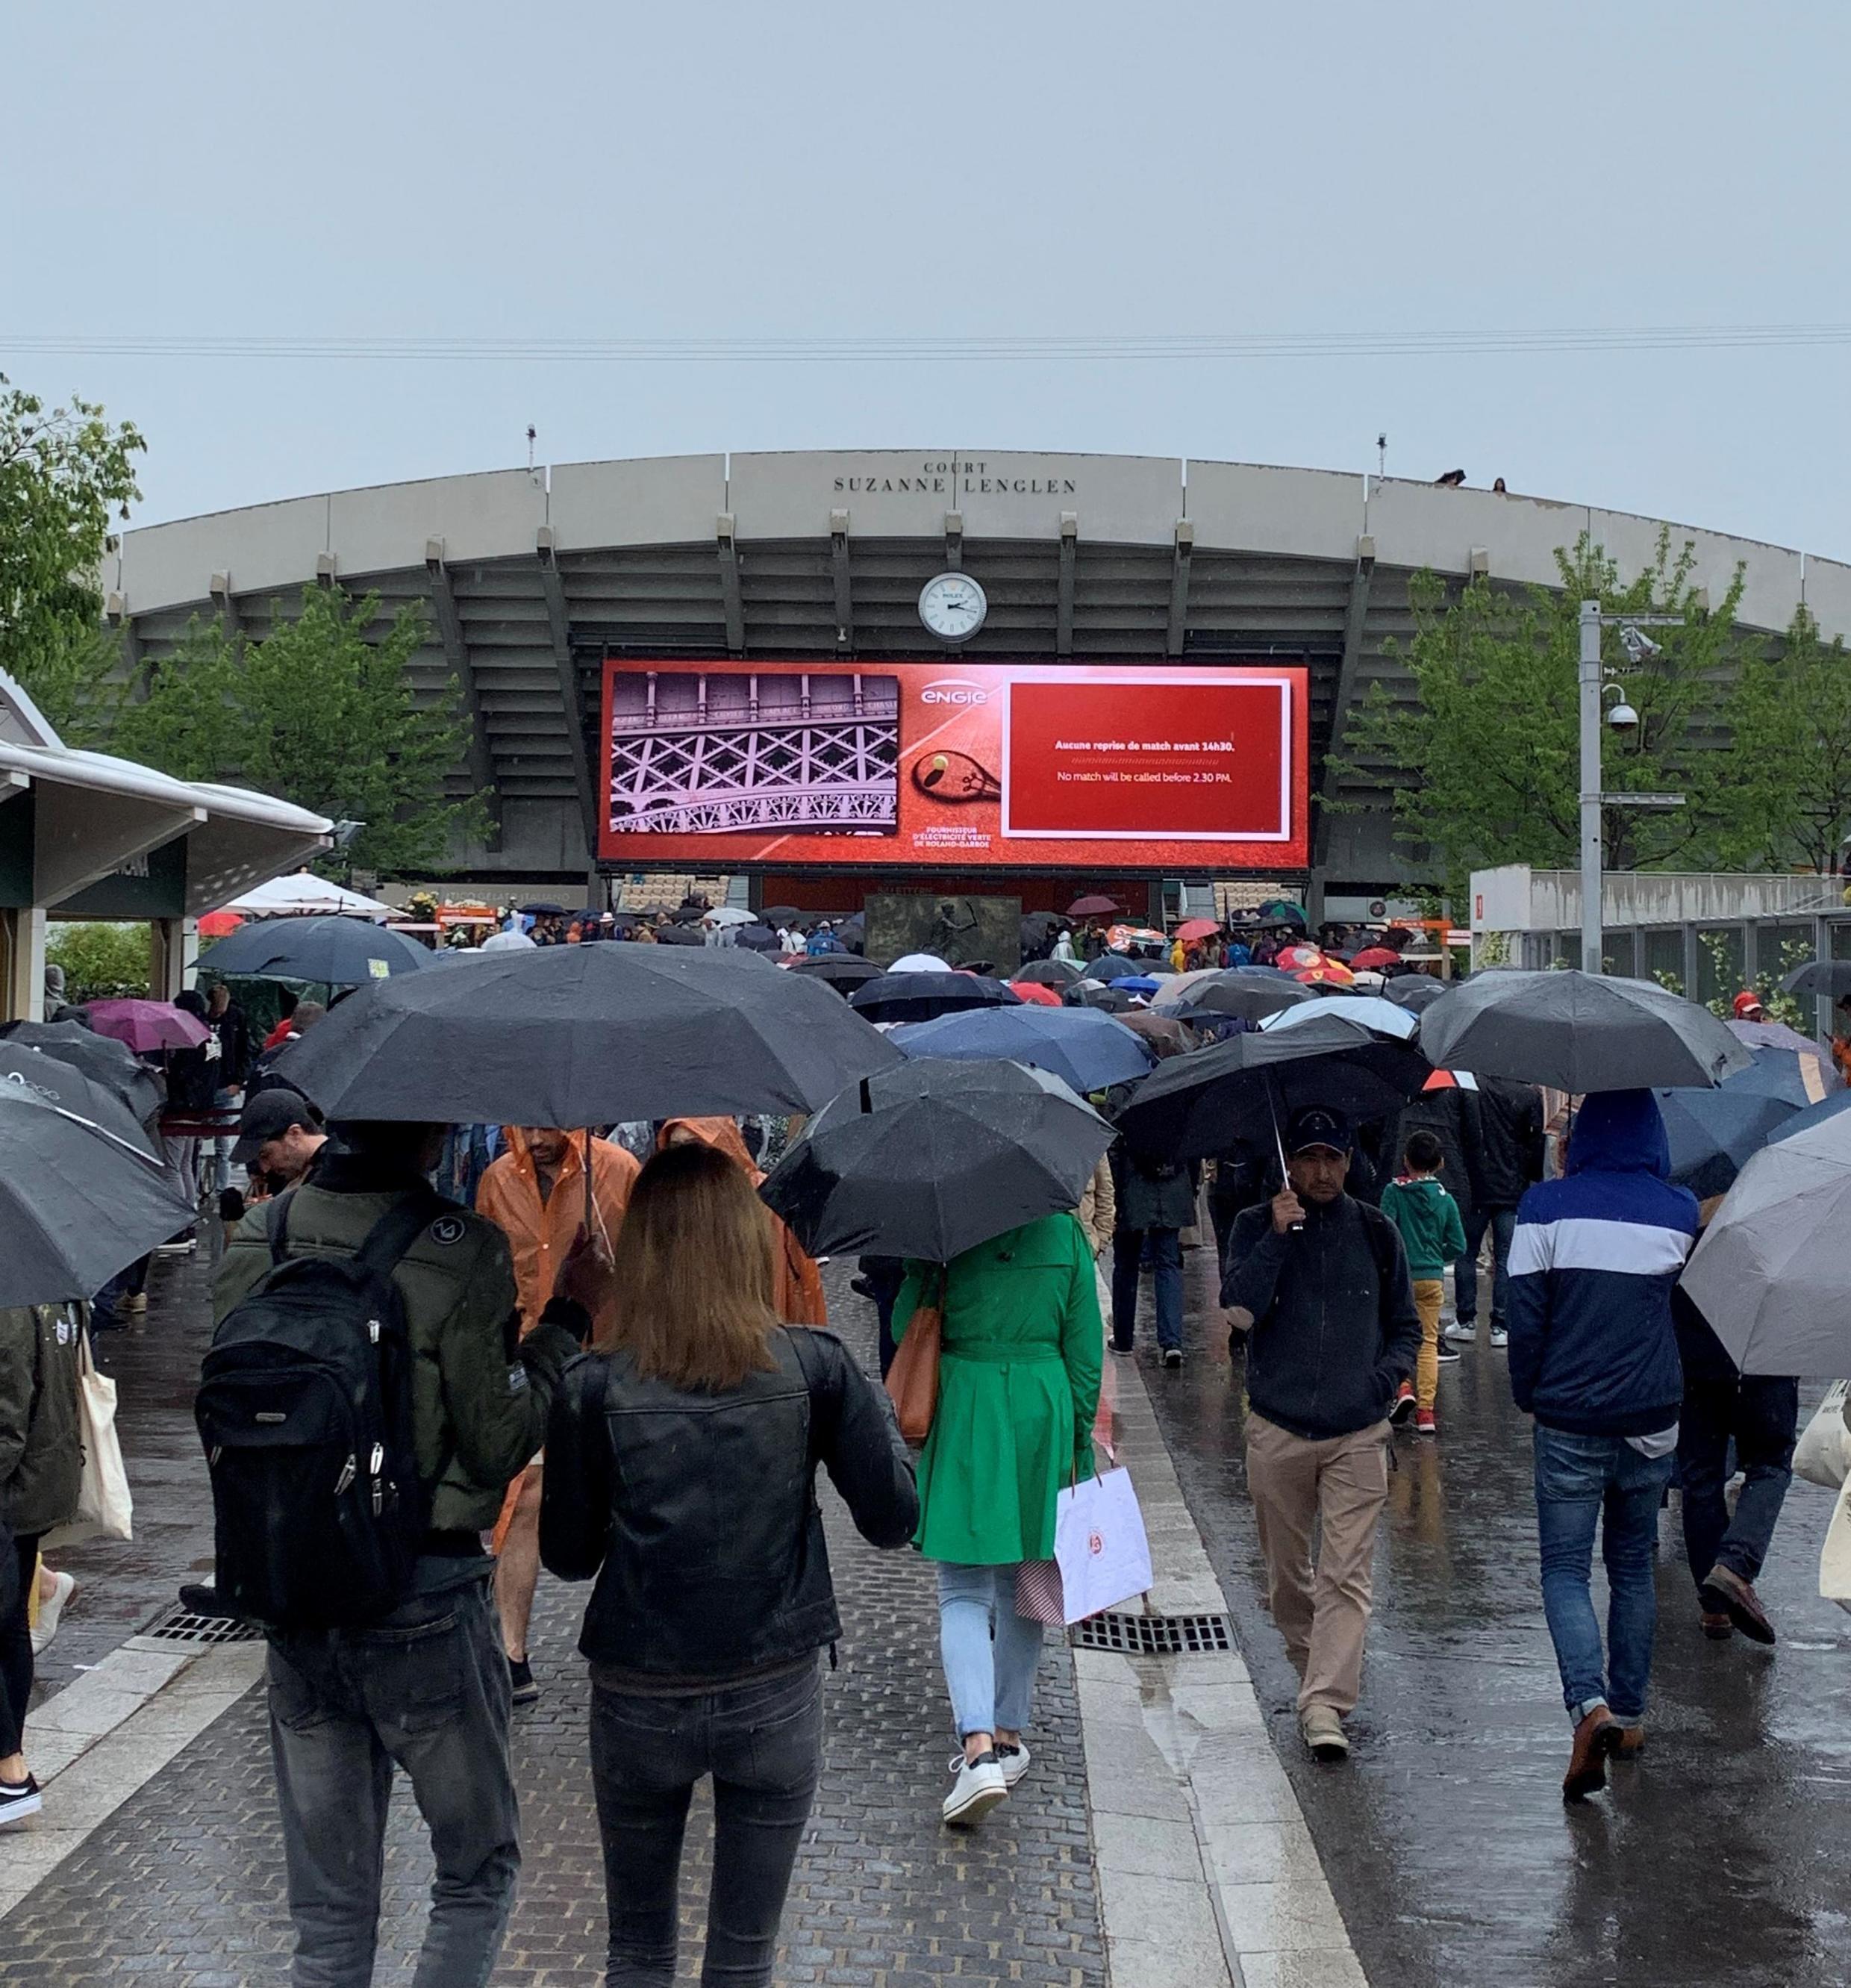 La lluvia trastocó los planes de los aficionados al tenis en Roland Garros el 5 de junio de 2019